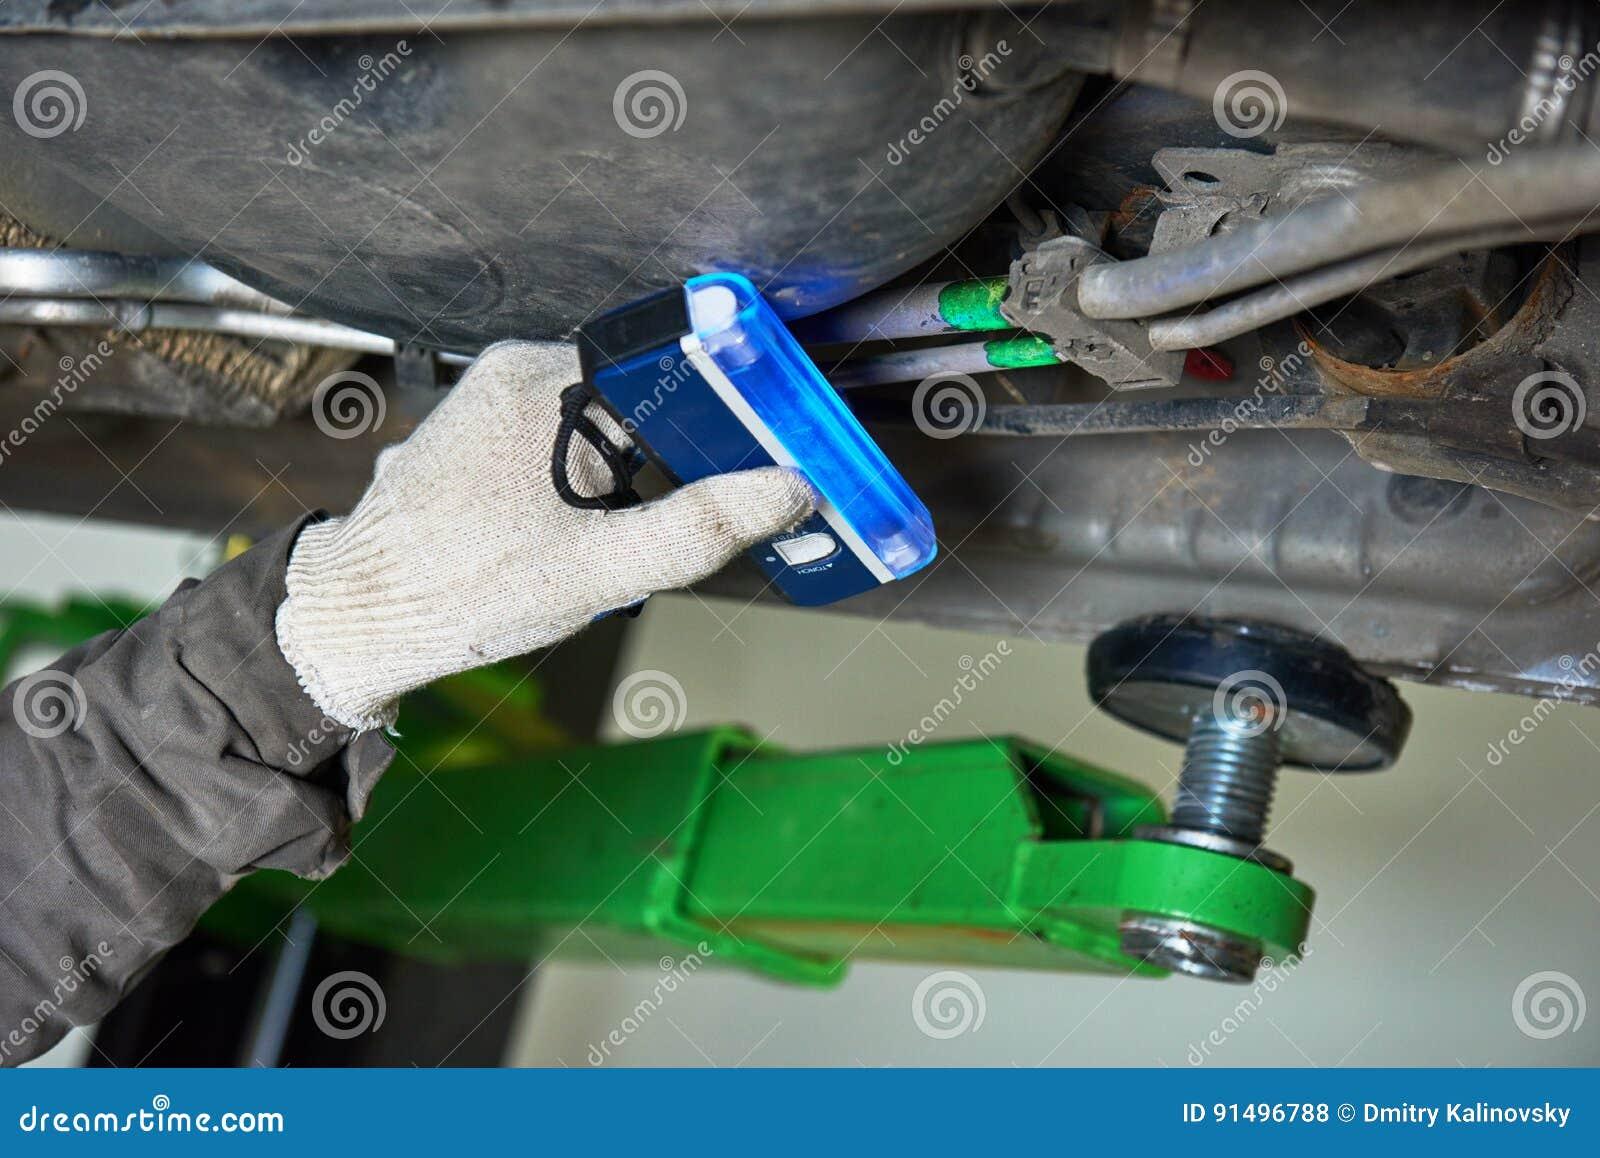 Обслуживать кондиционера автомобиля утечка freon обнаружения с лампой ультрафиолетова